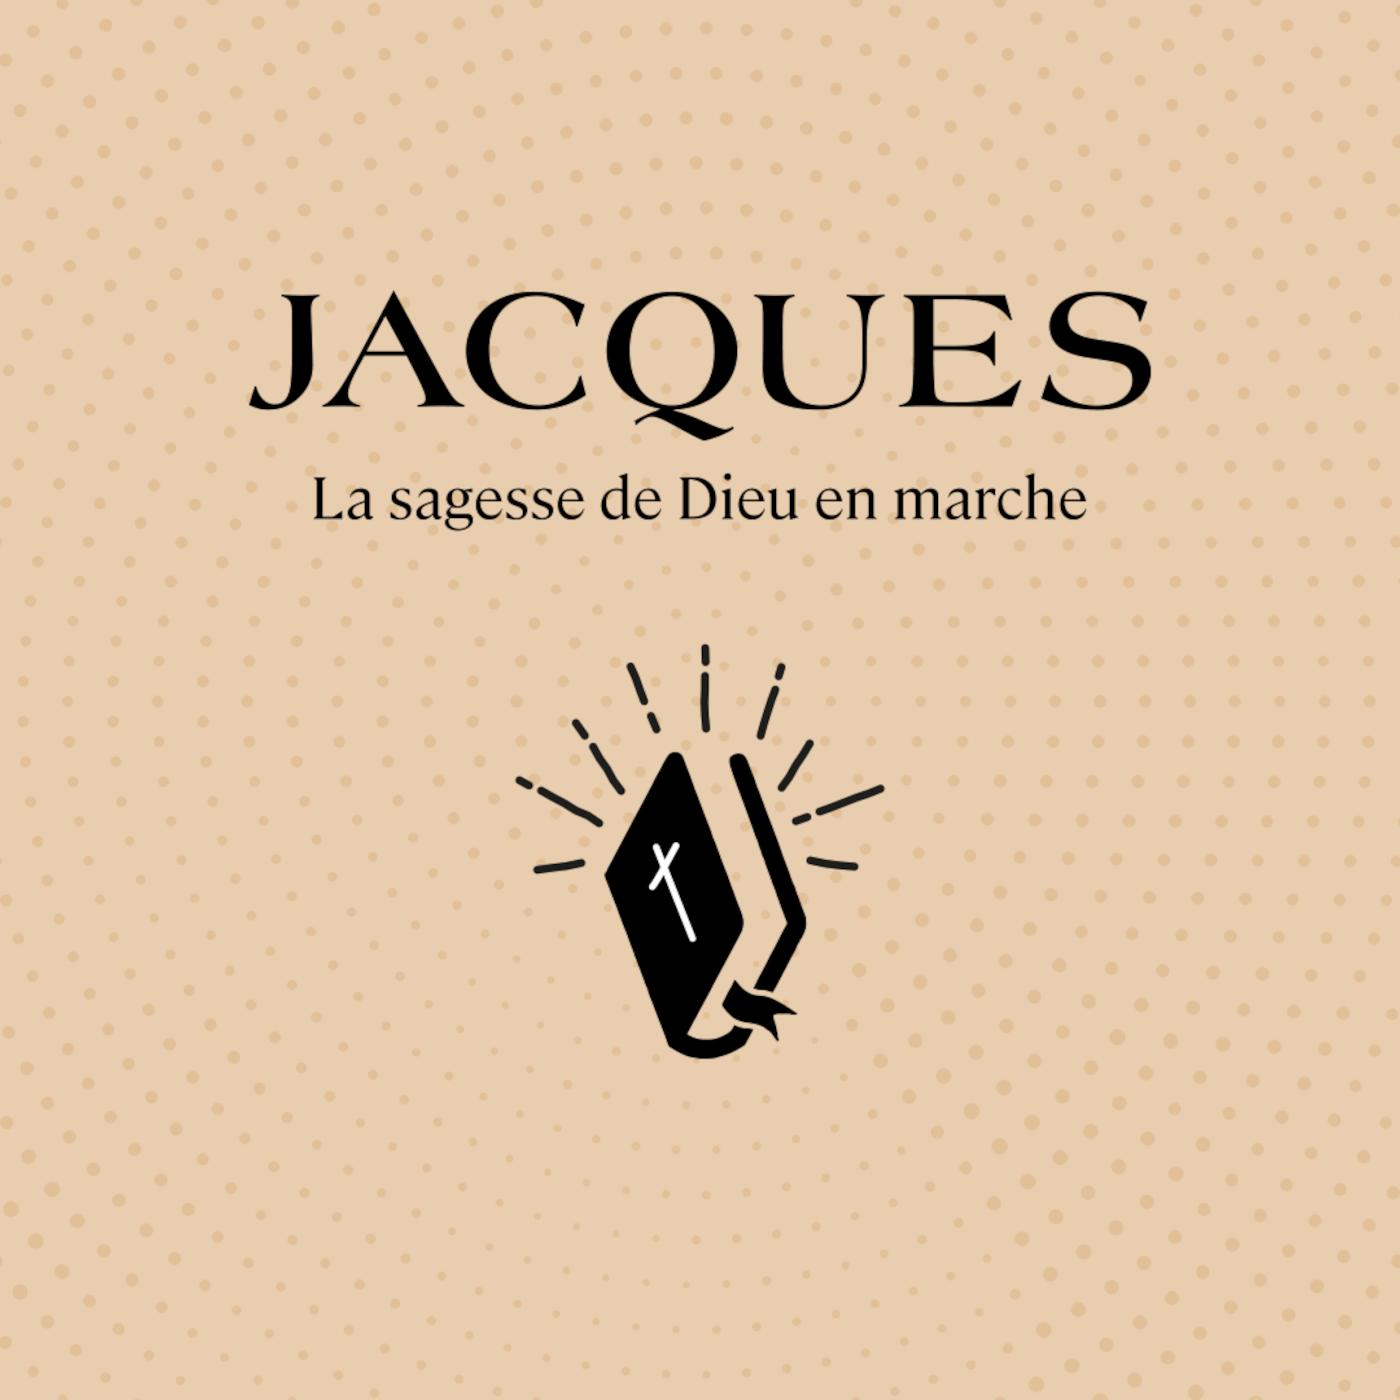 Série sur Jacques